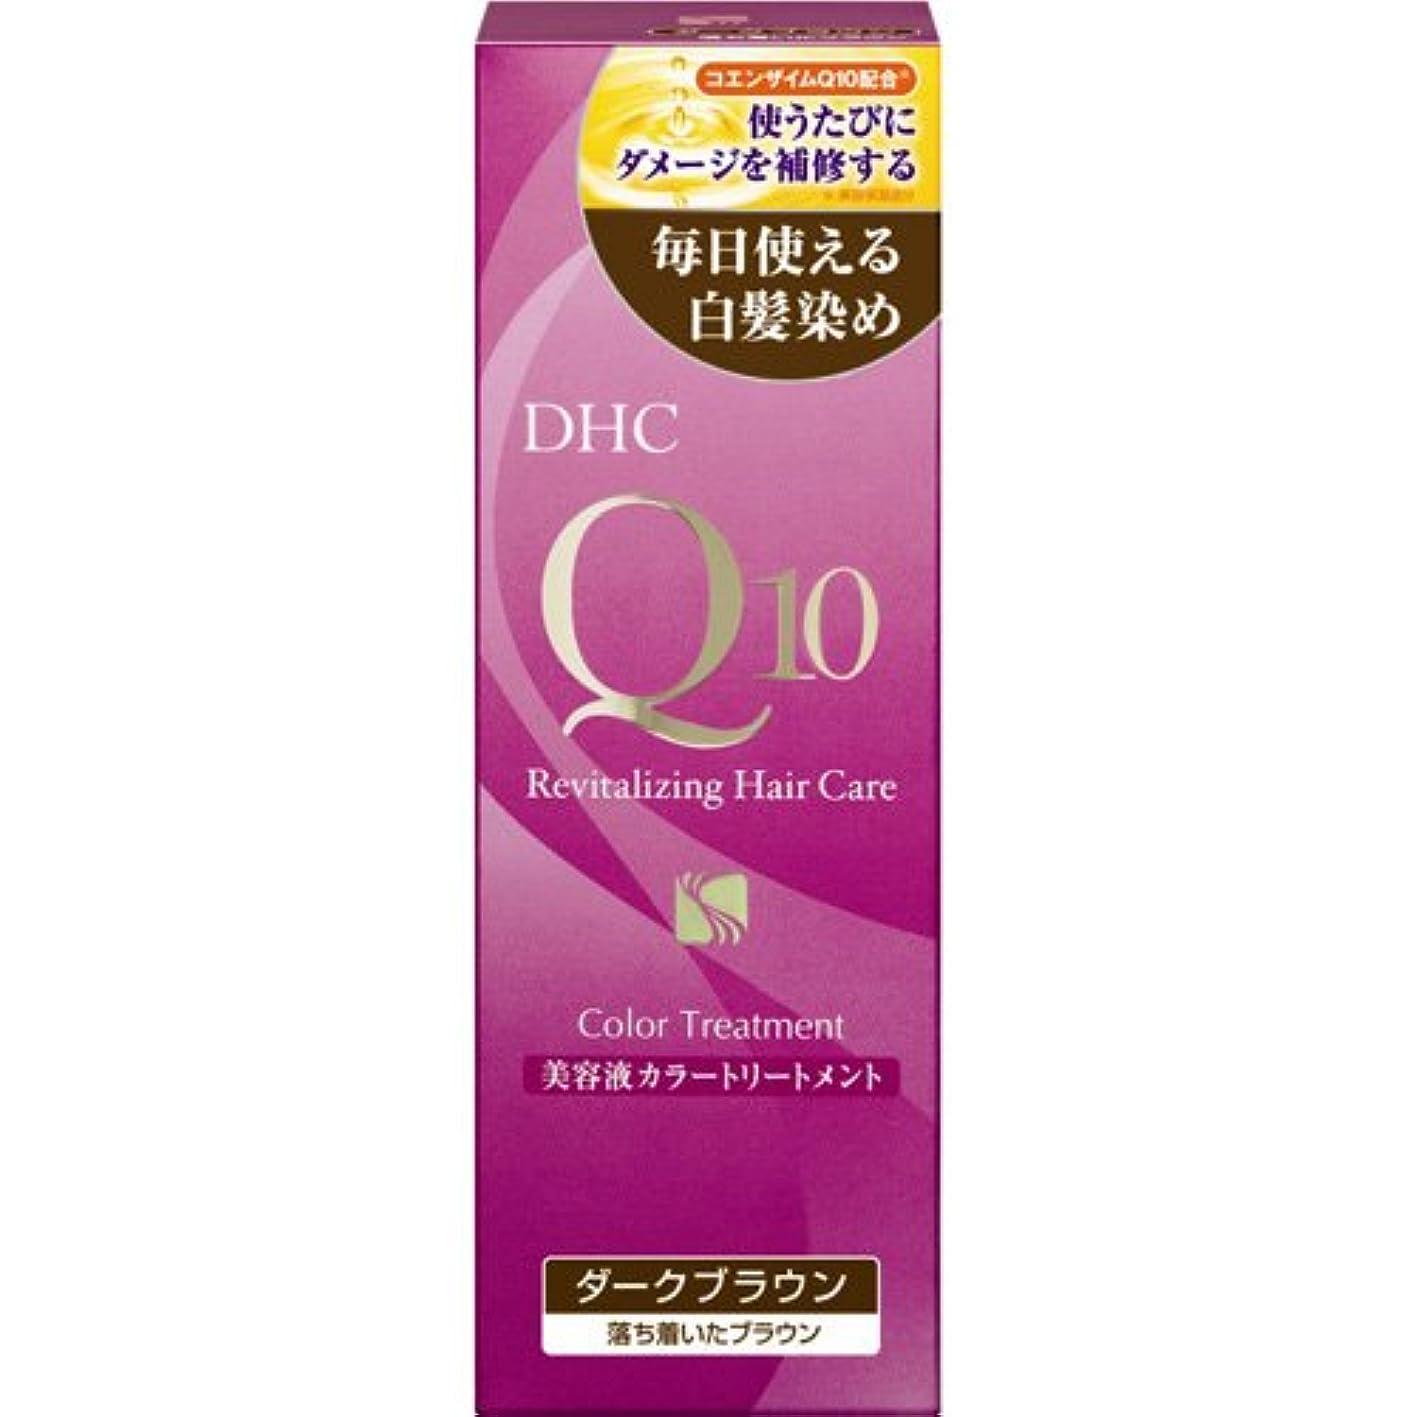 贅沢なファッションむさぼり食うDHC Q10美溶液カラートリートメントDブラウンSS170g